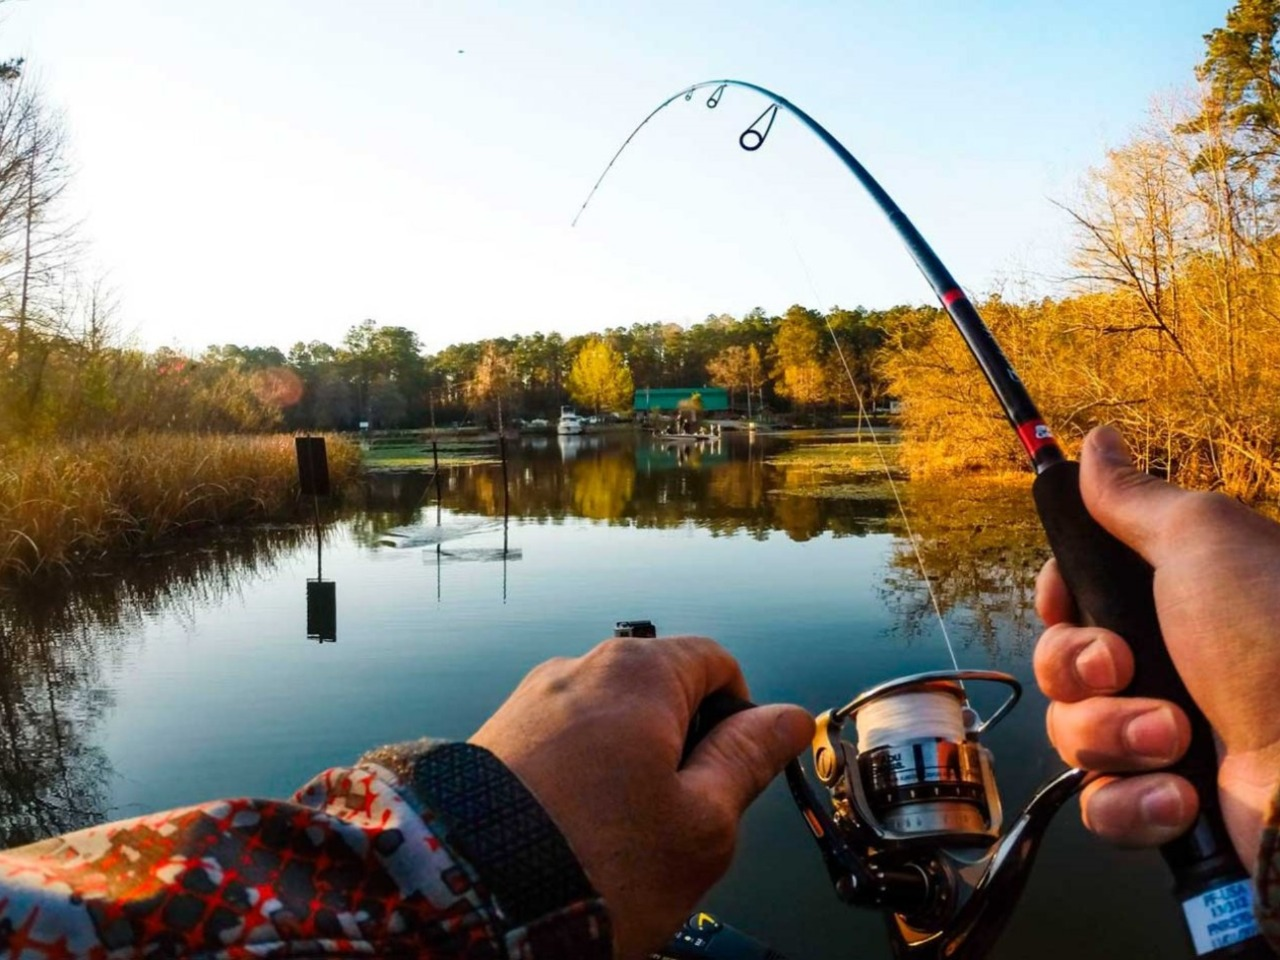 Трофейная рыбалка с опытным гидом  - индивидуальная экскурсия в Самаре от опытного гида